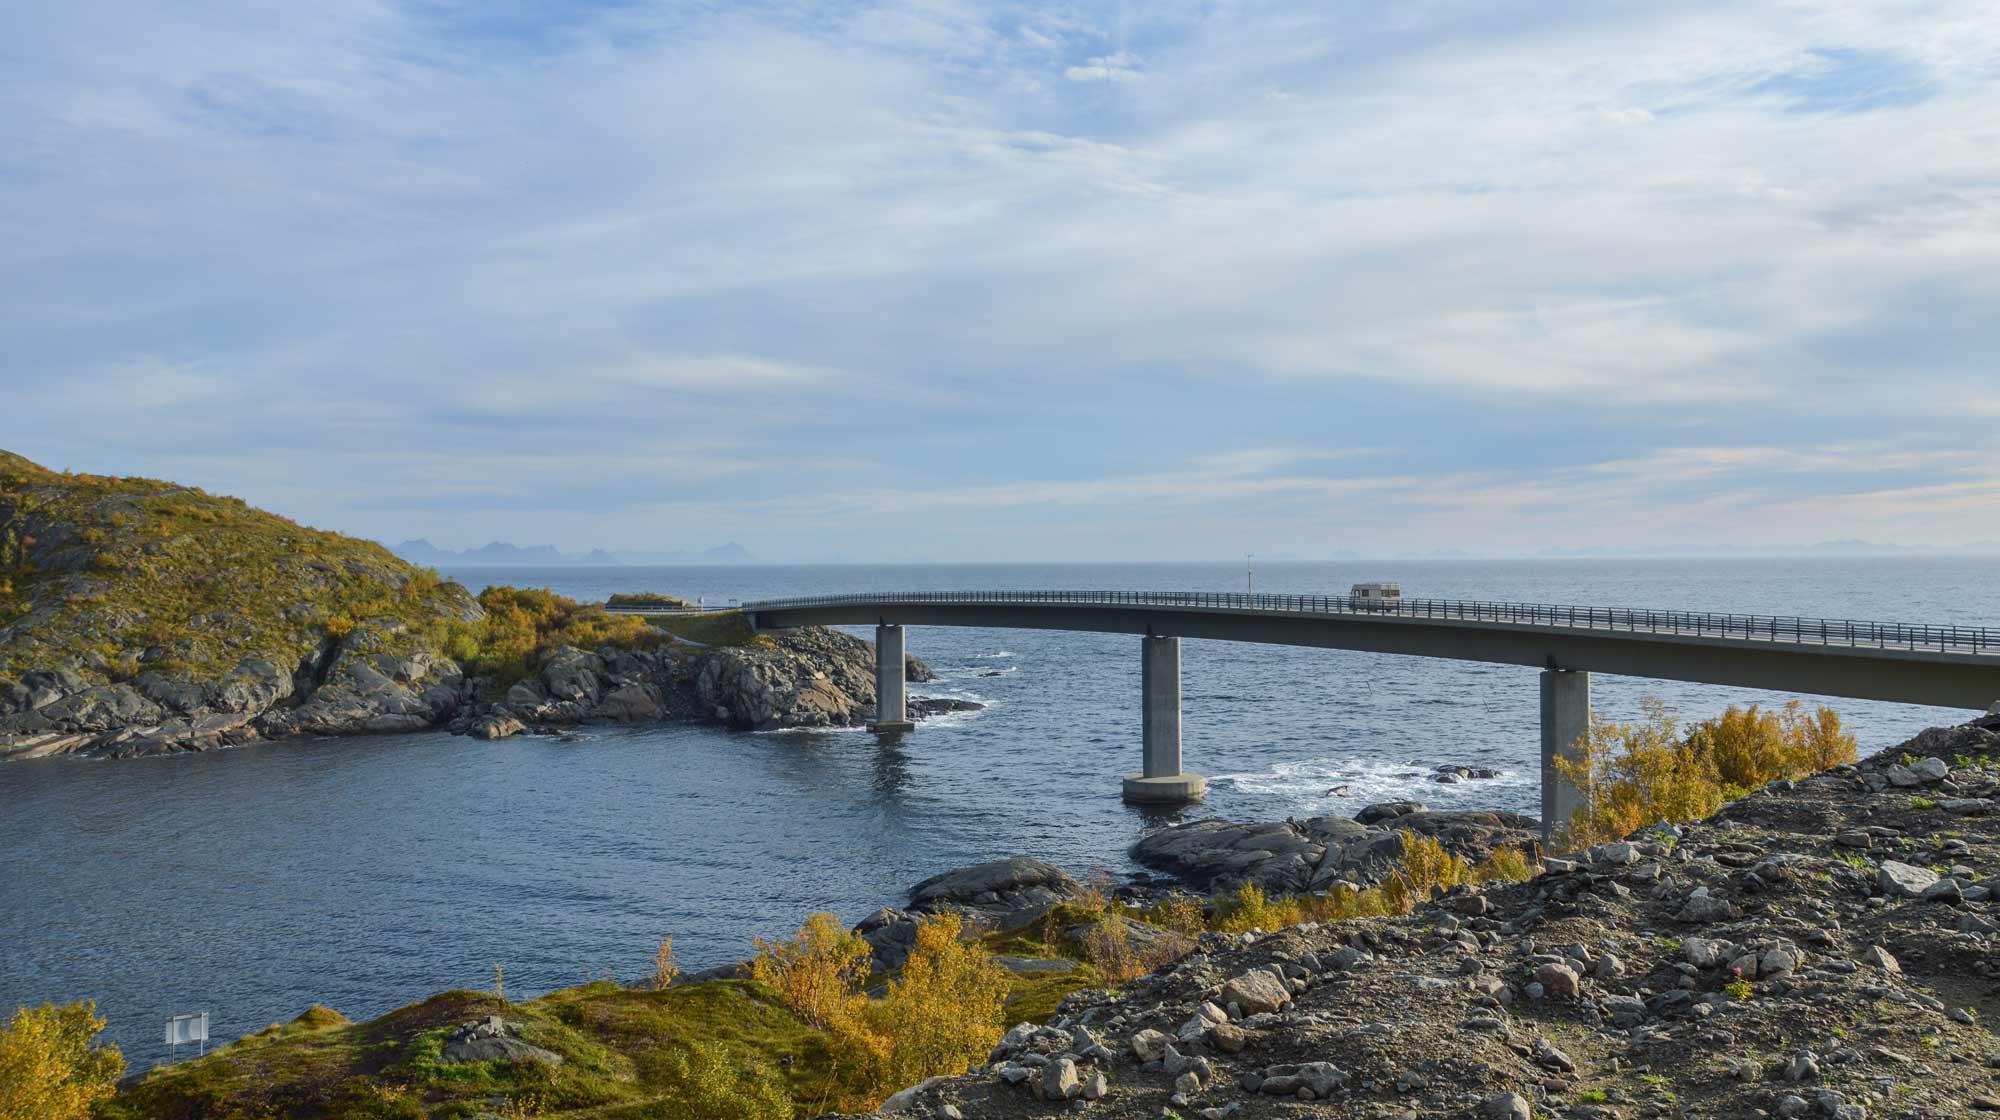 bridge-small-ocean2000x1120web.jpg